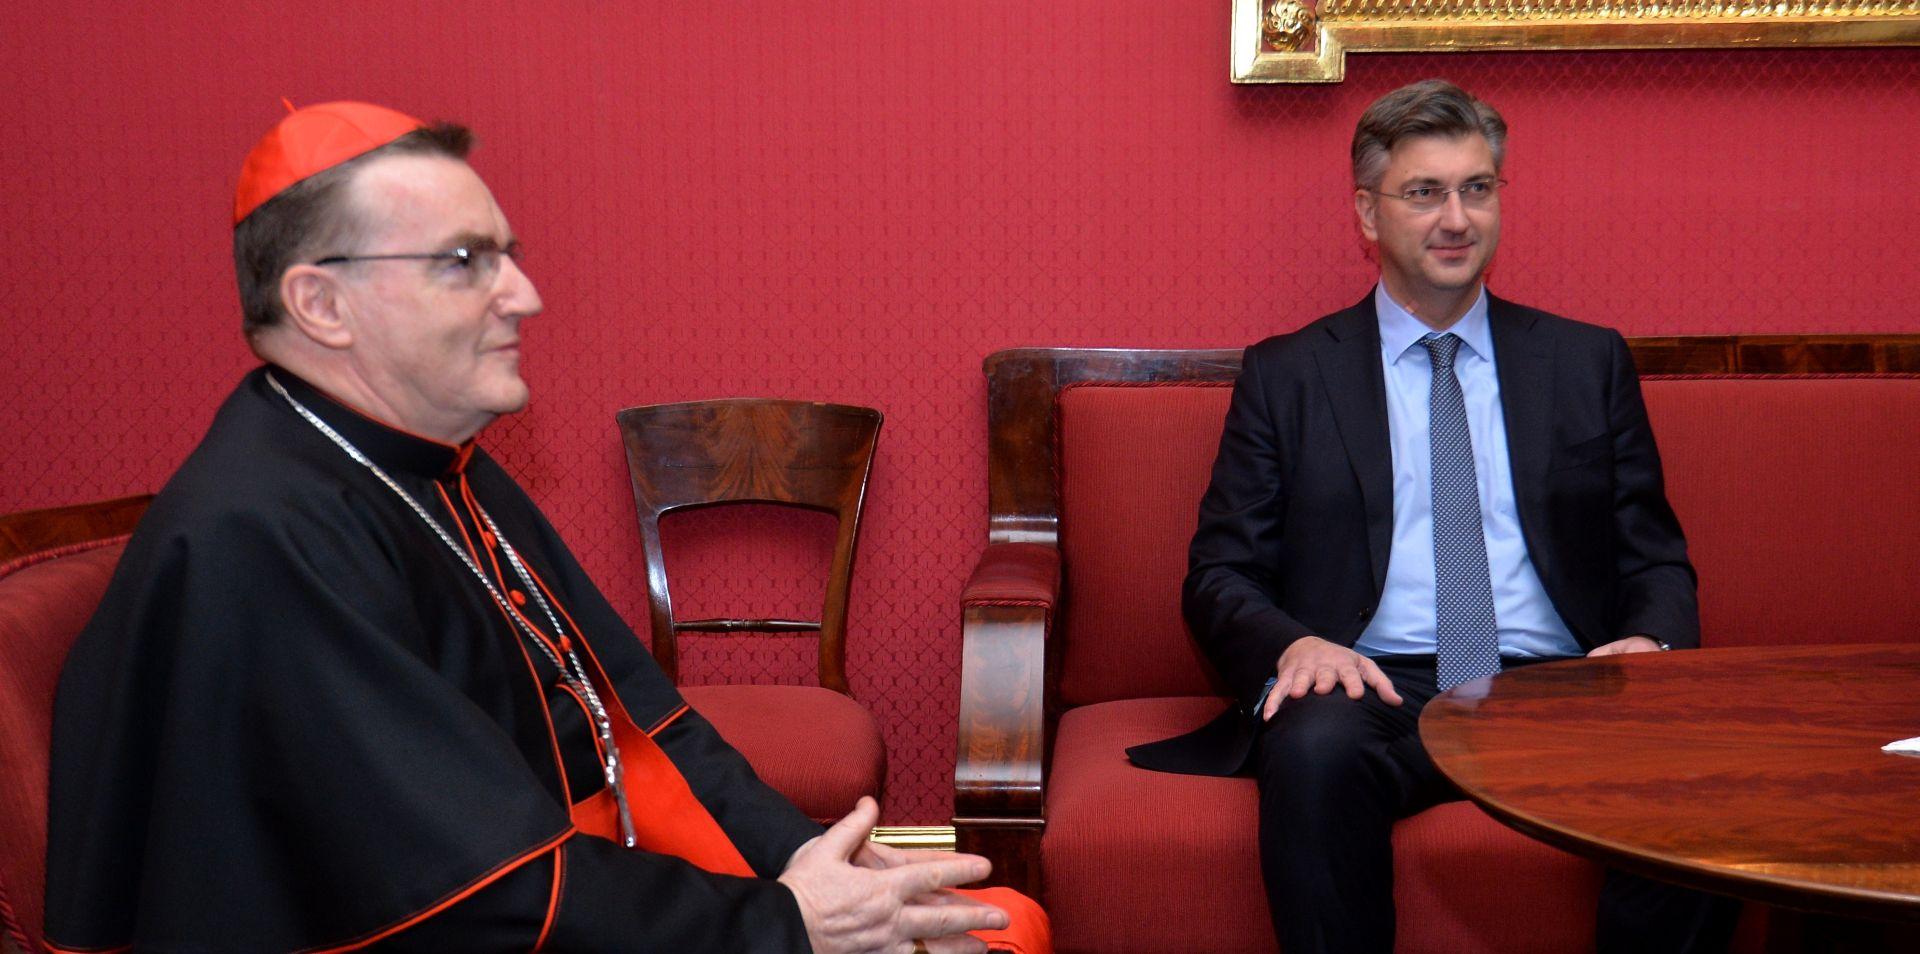 SUSRET BOZANIĆA I PLENKOVIĆA Razgovarali o suradnji između Crkve i države